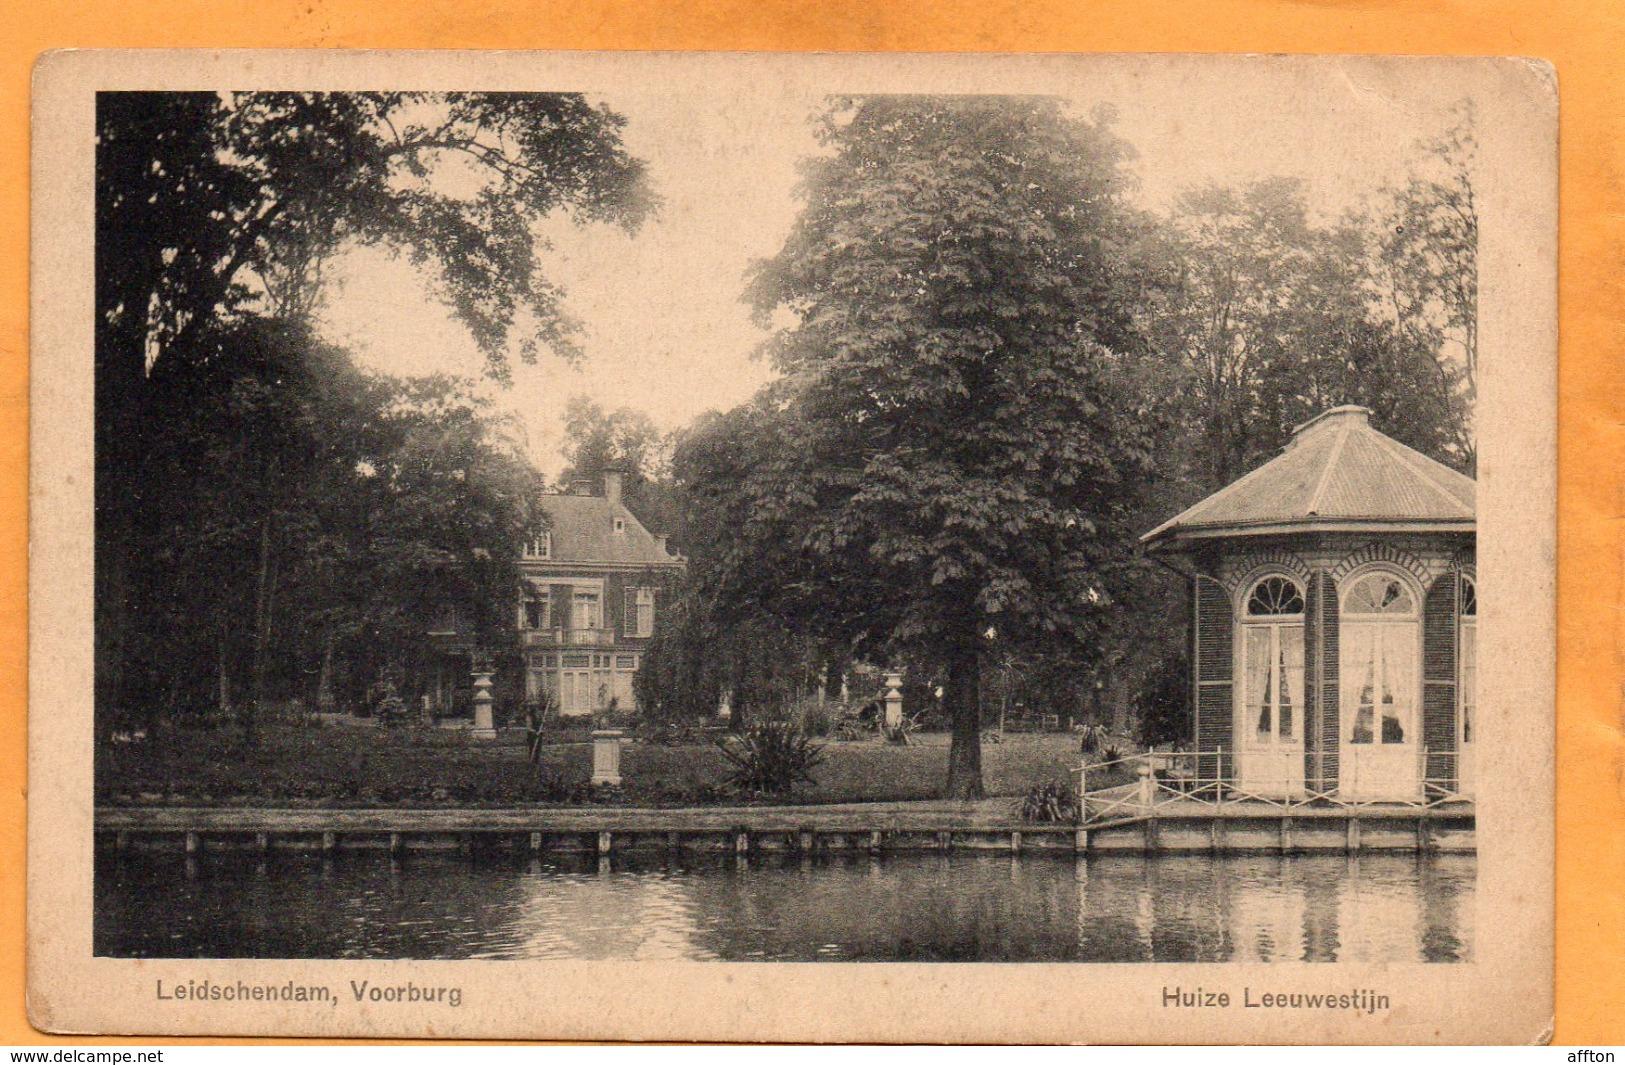 Leidschendam Netherlands 1908 Postcard - Leidschendam